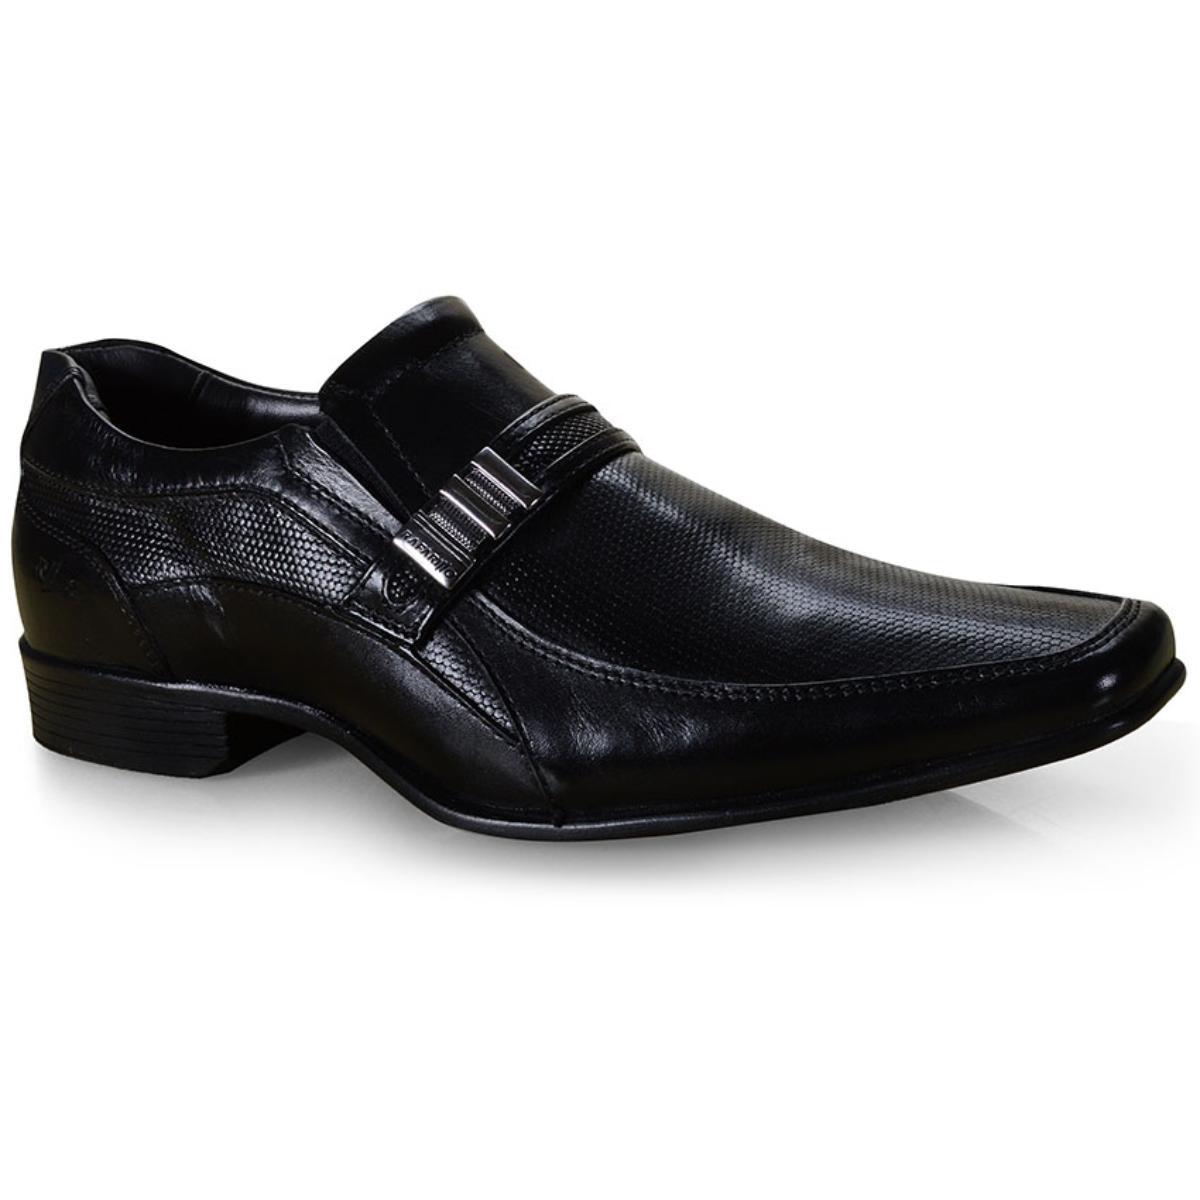 Sapato Masculino Rafarillo 34011-00p Preto Kit Cinto+meia